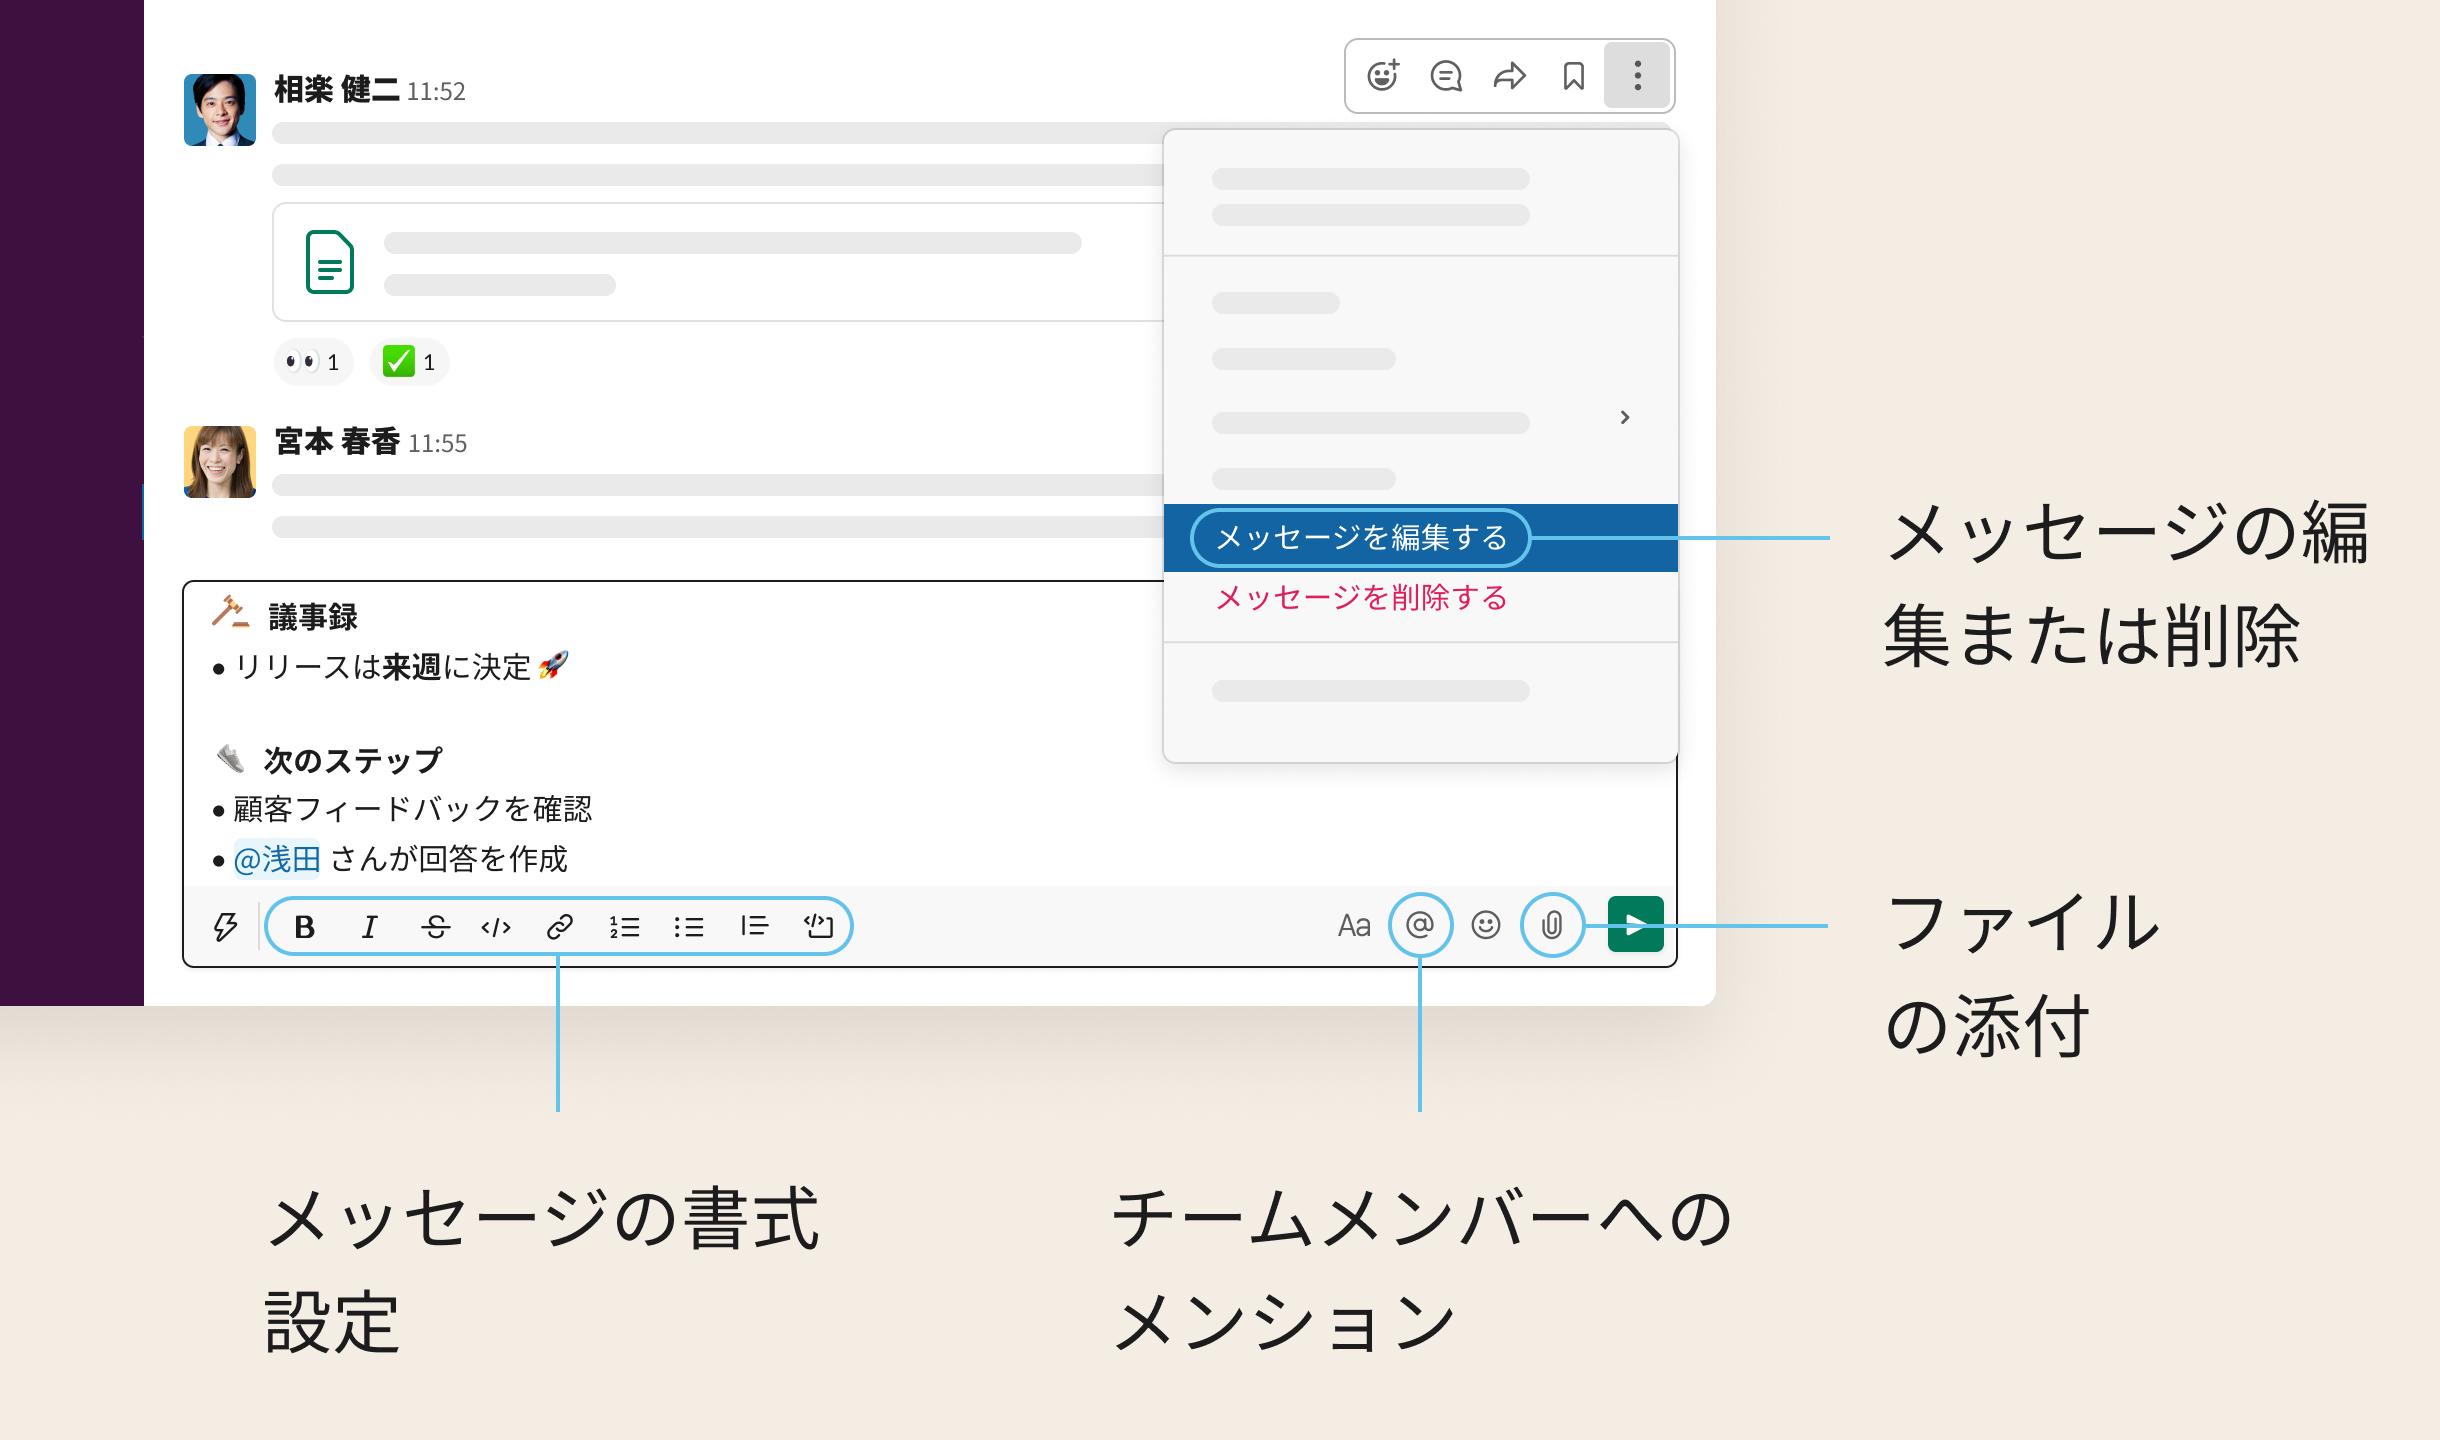 Slack のメッセージフィールドに入力されたメッセージ